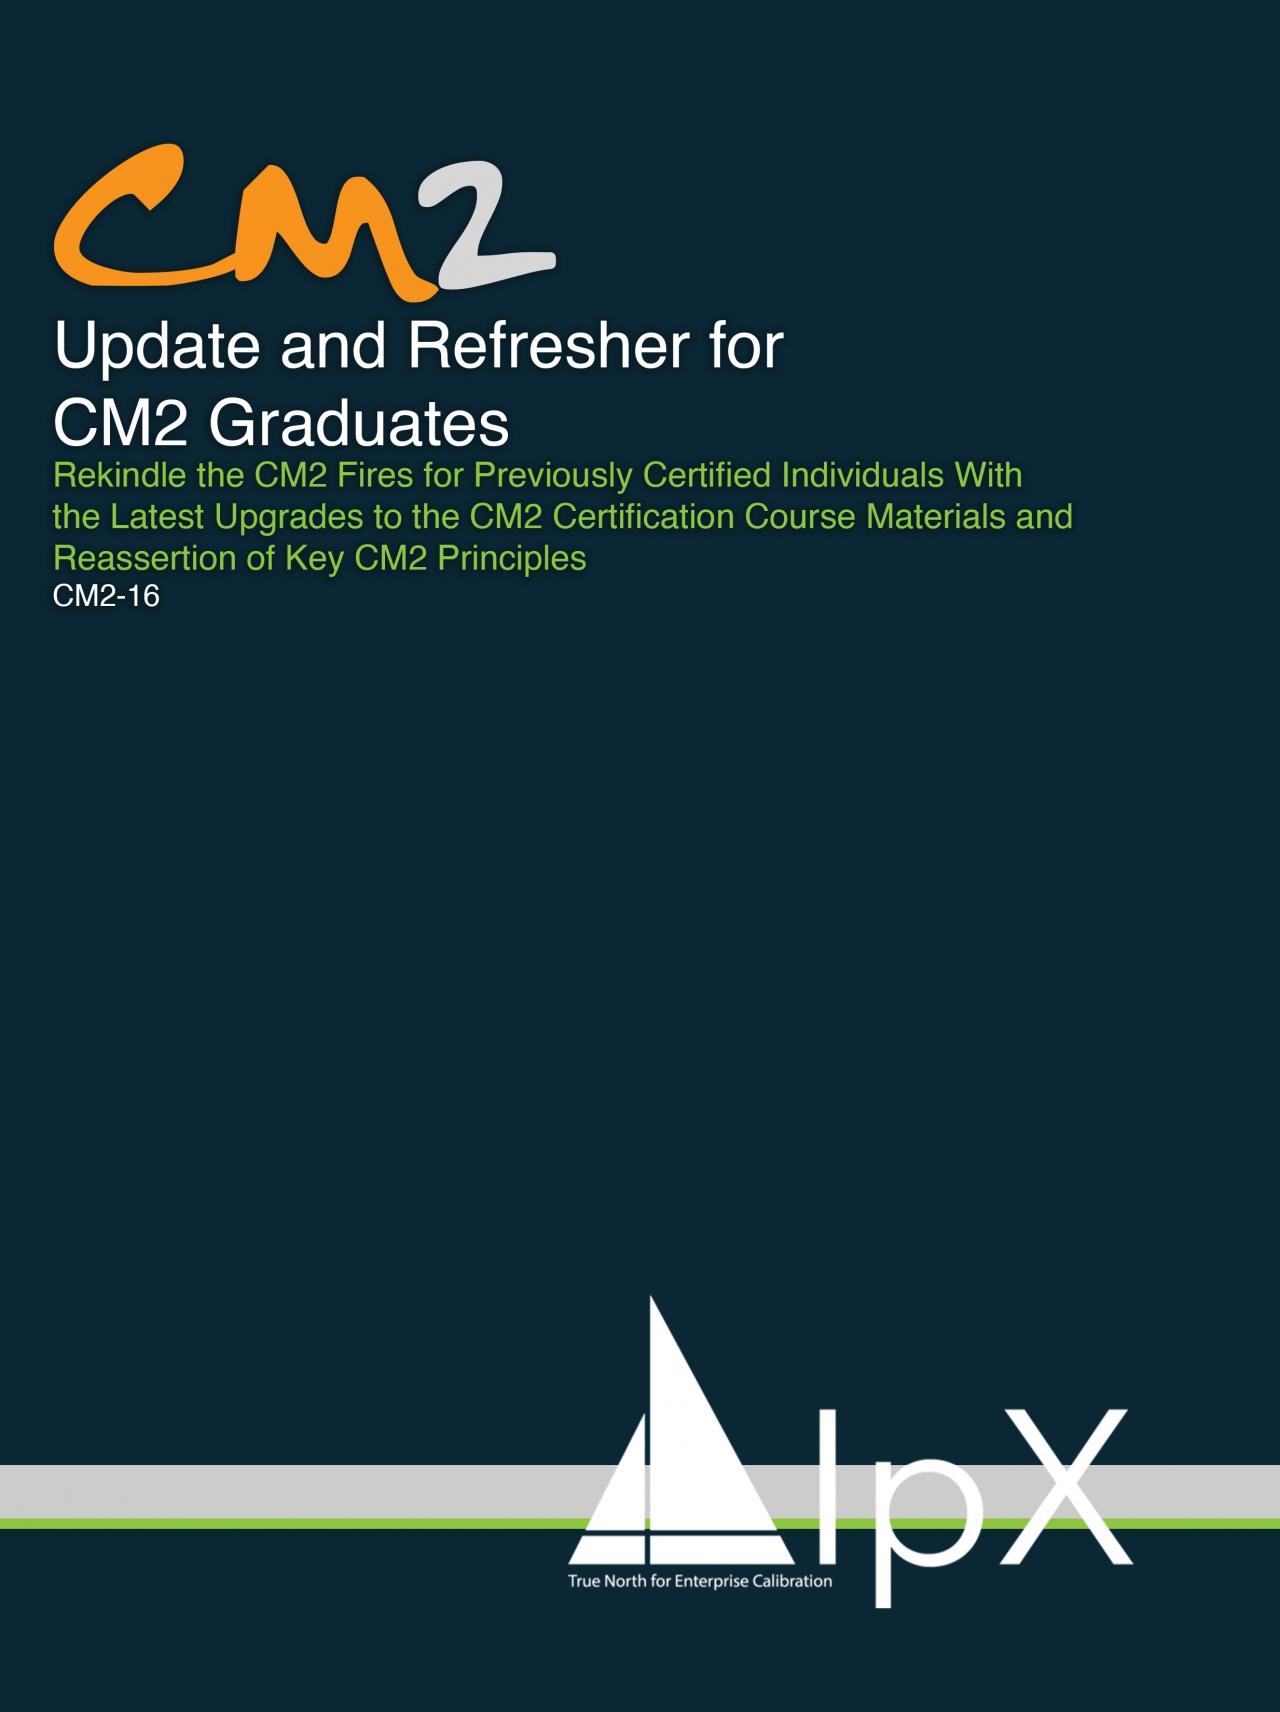 CM2-16 Refresh for CM2 Graduates